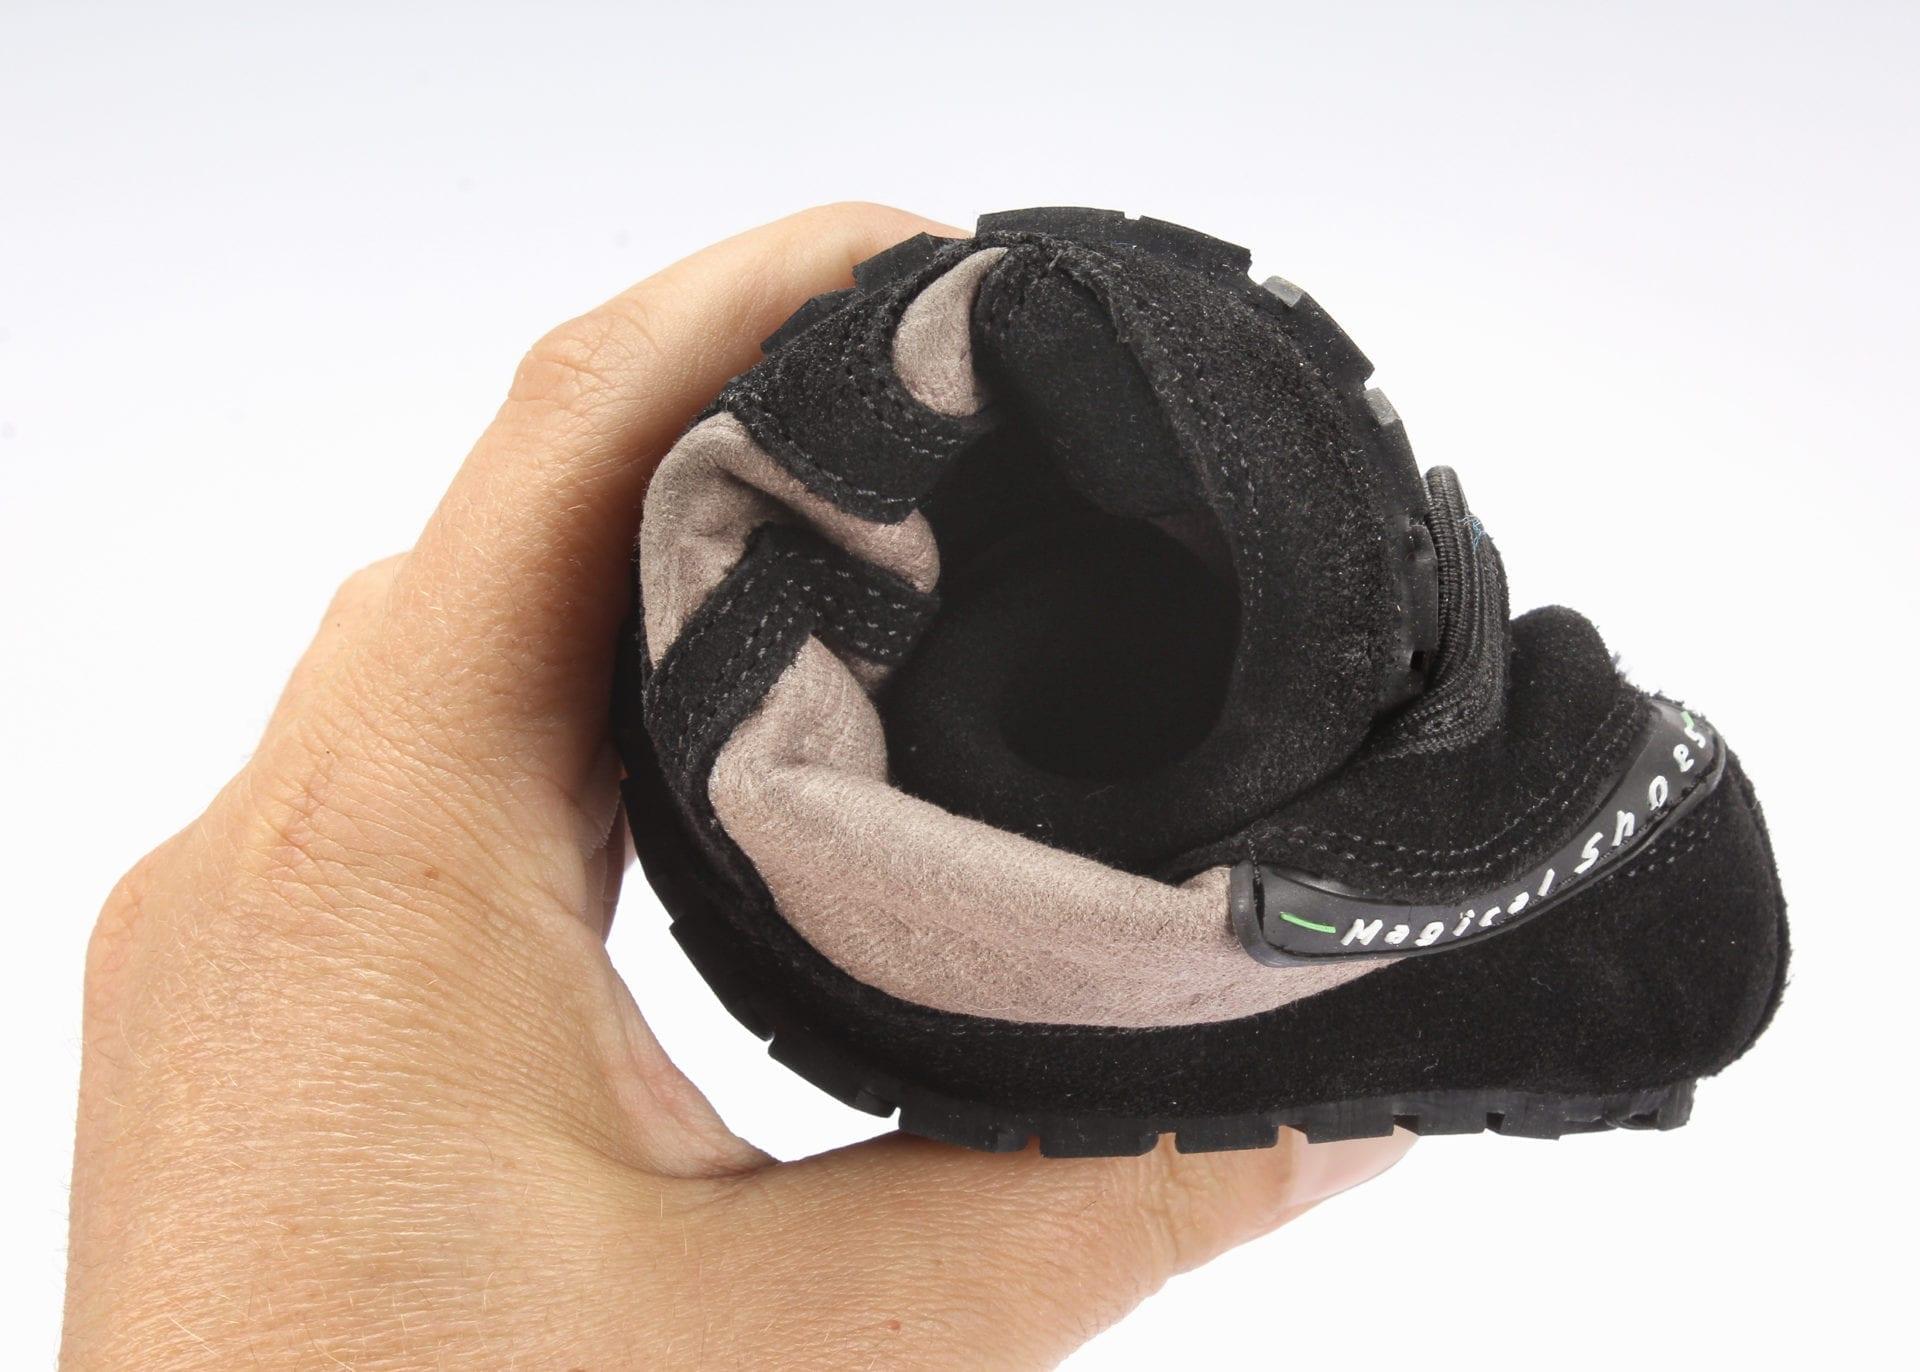 Barfußschuh-Hersteller Magical Shoes Grizzly Barfußschuhe für natürliches und gesundes Gehen & Laufen flexibel